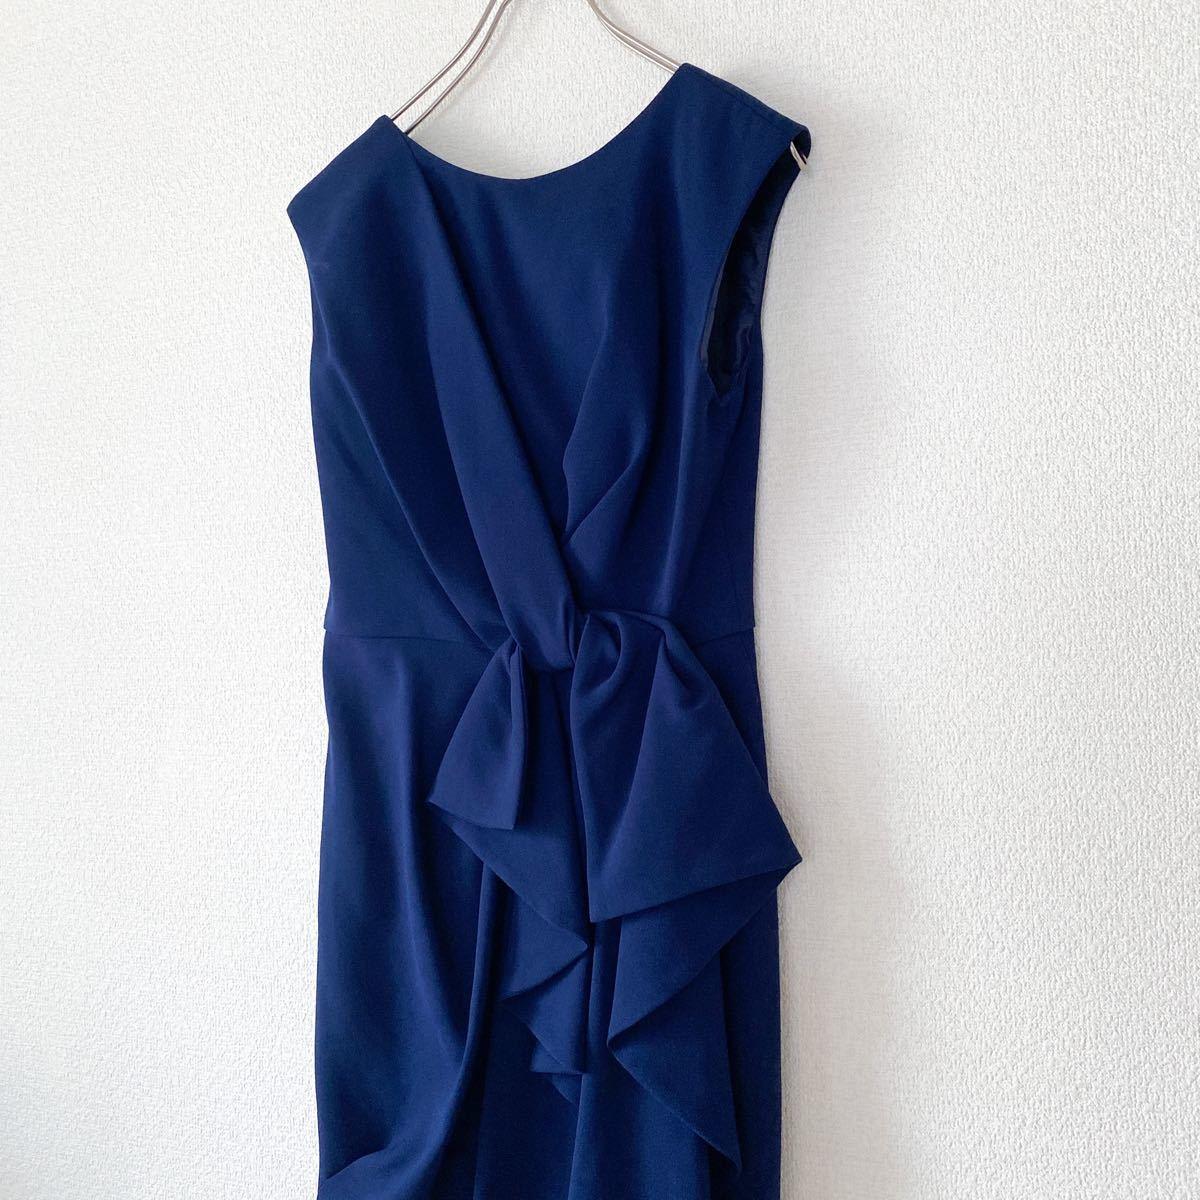 グレースコンチネンタル / 紺ワンピース ドレス 結婚式 二次会